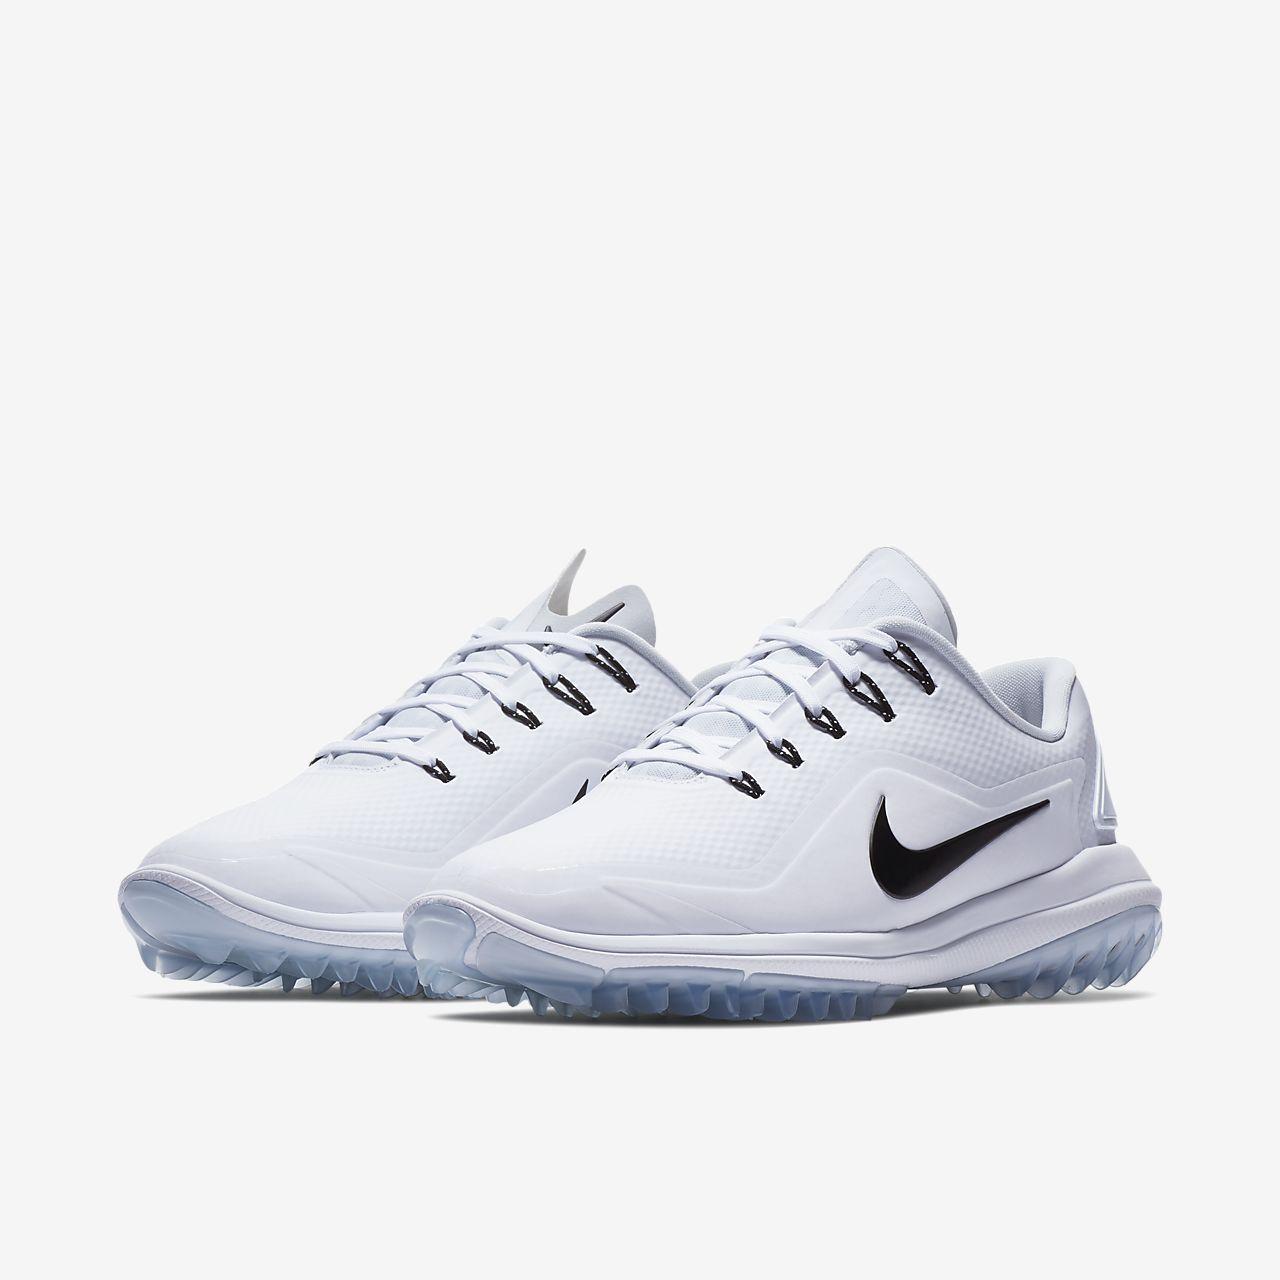 quality design cab89 33a23 ... Golfsko Nike Lunar Control Vapor 2 för kvinnor